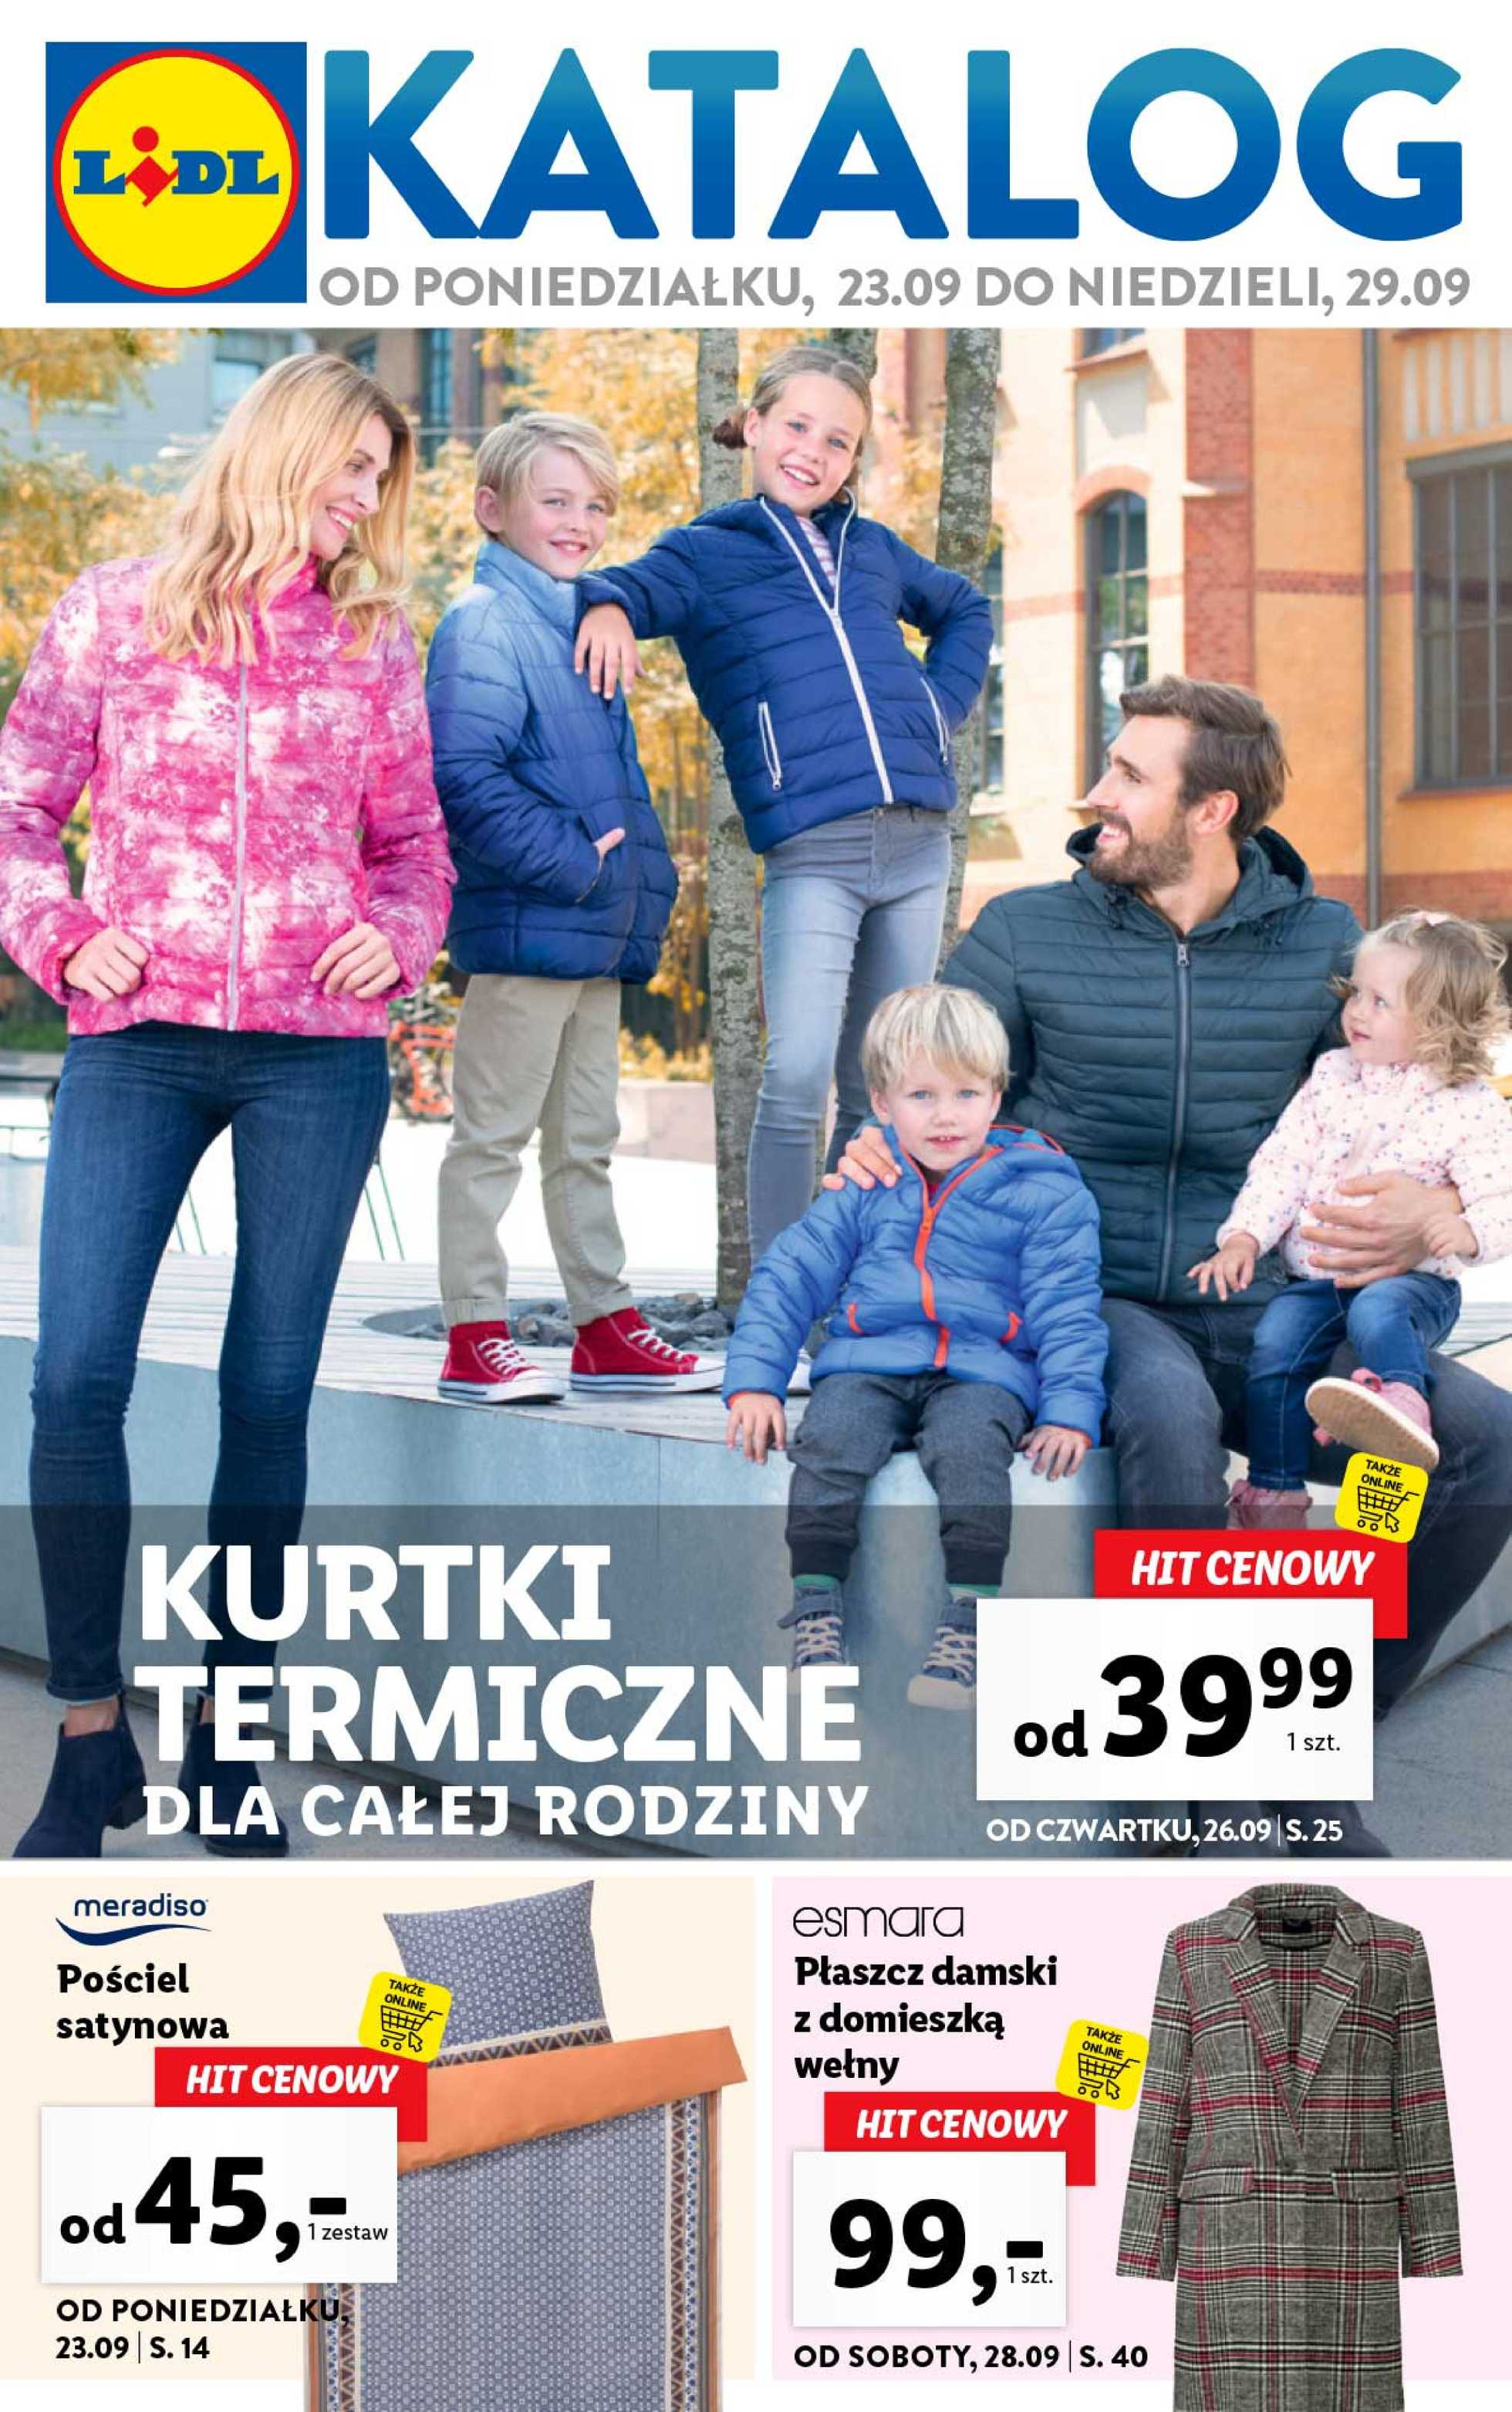 Lidl - gazetka promocyjna ważna od 23.09.2019 do 29.09.2019 - strona 1.